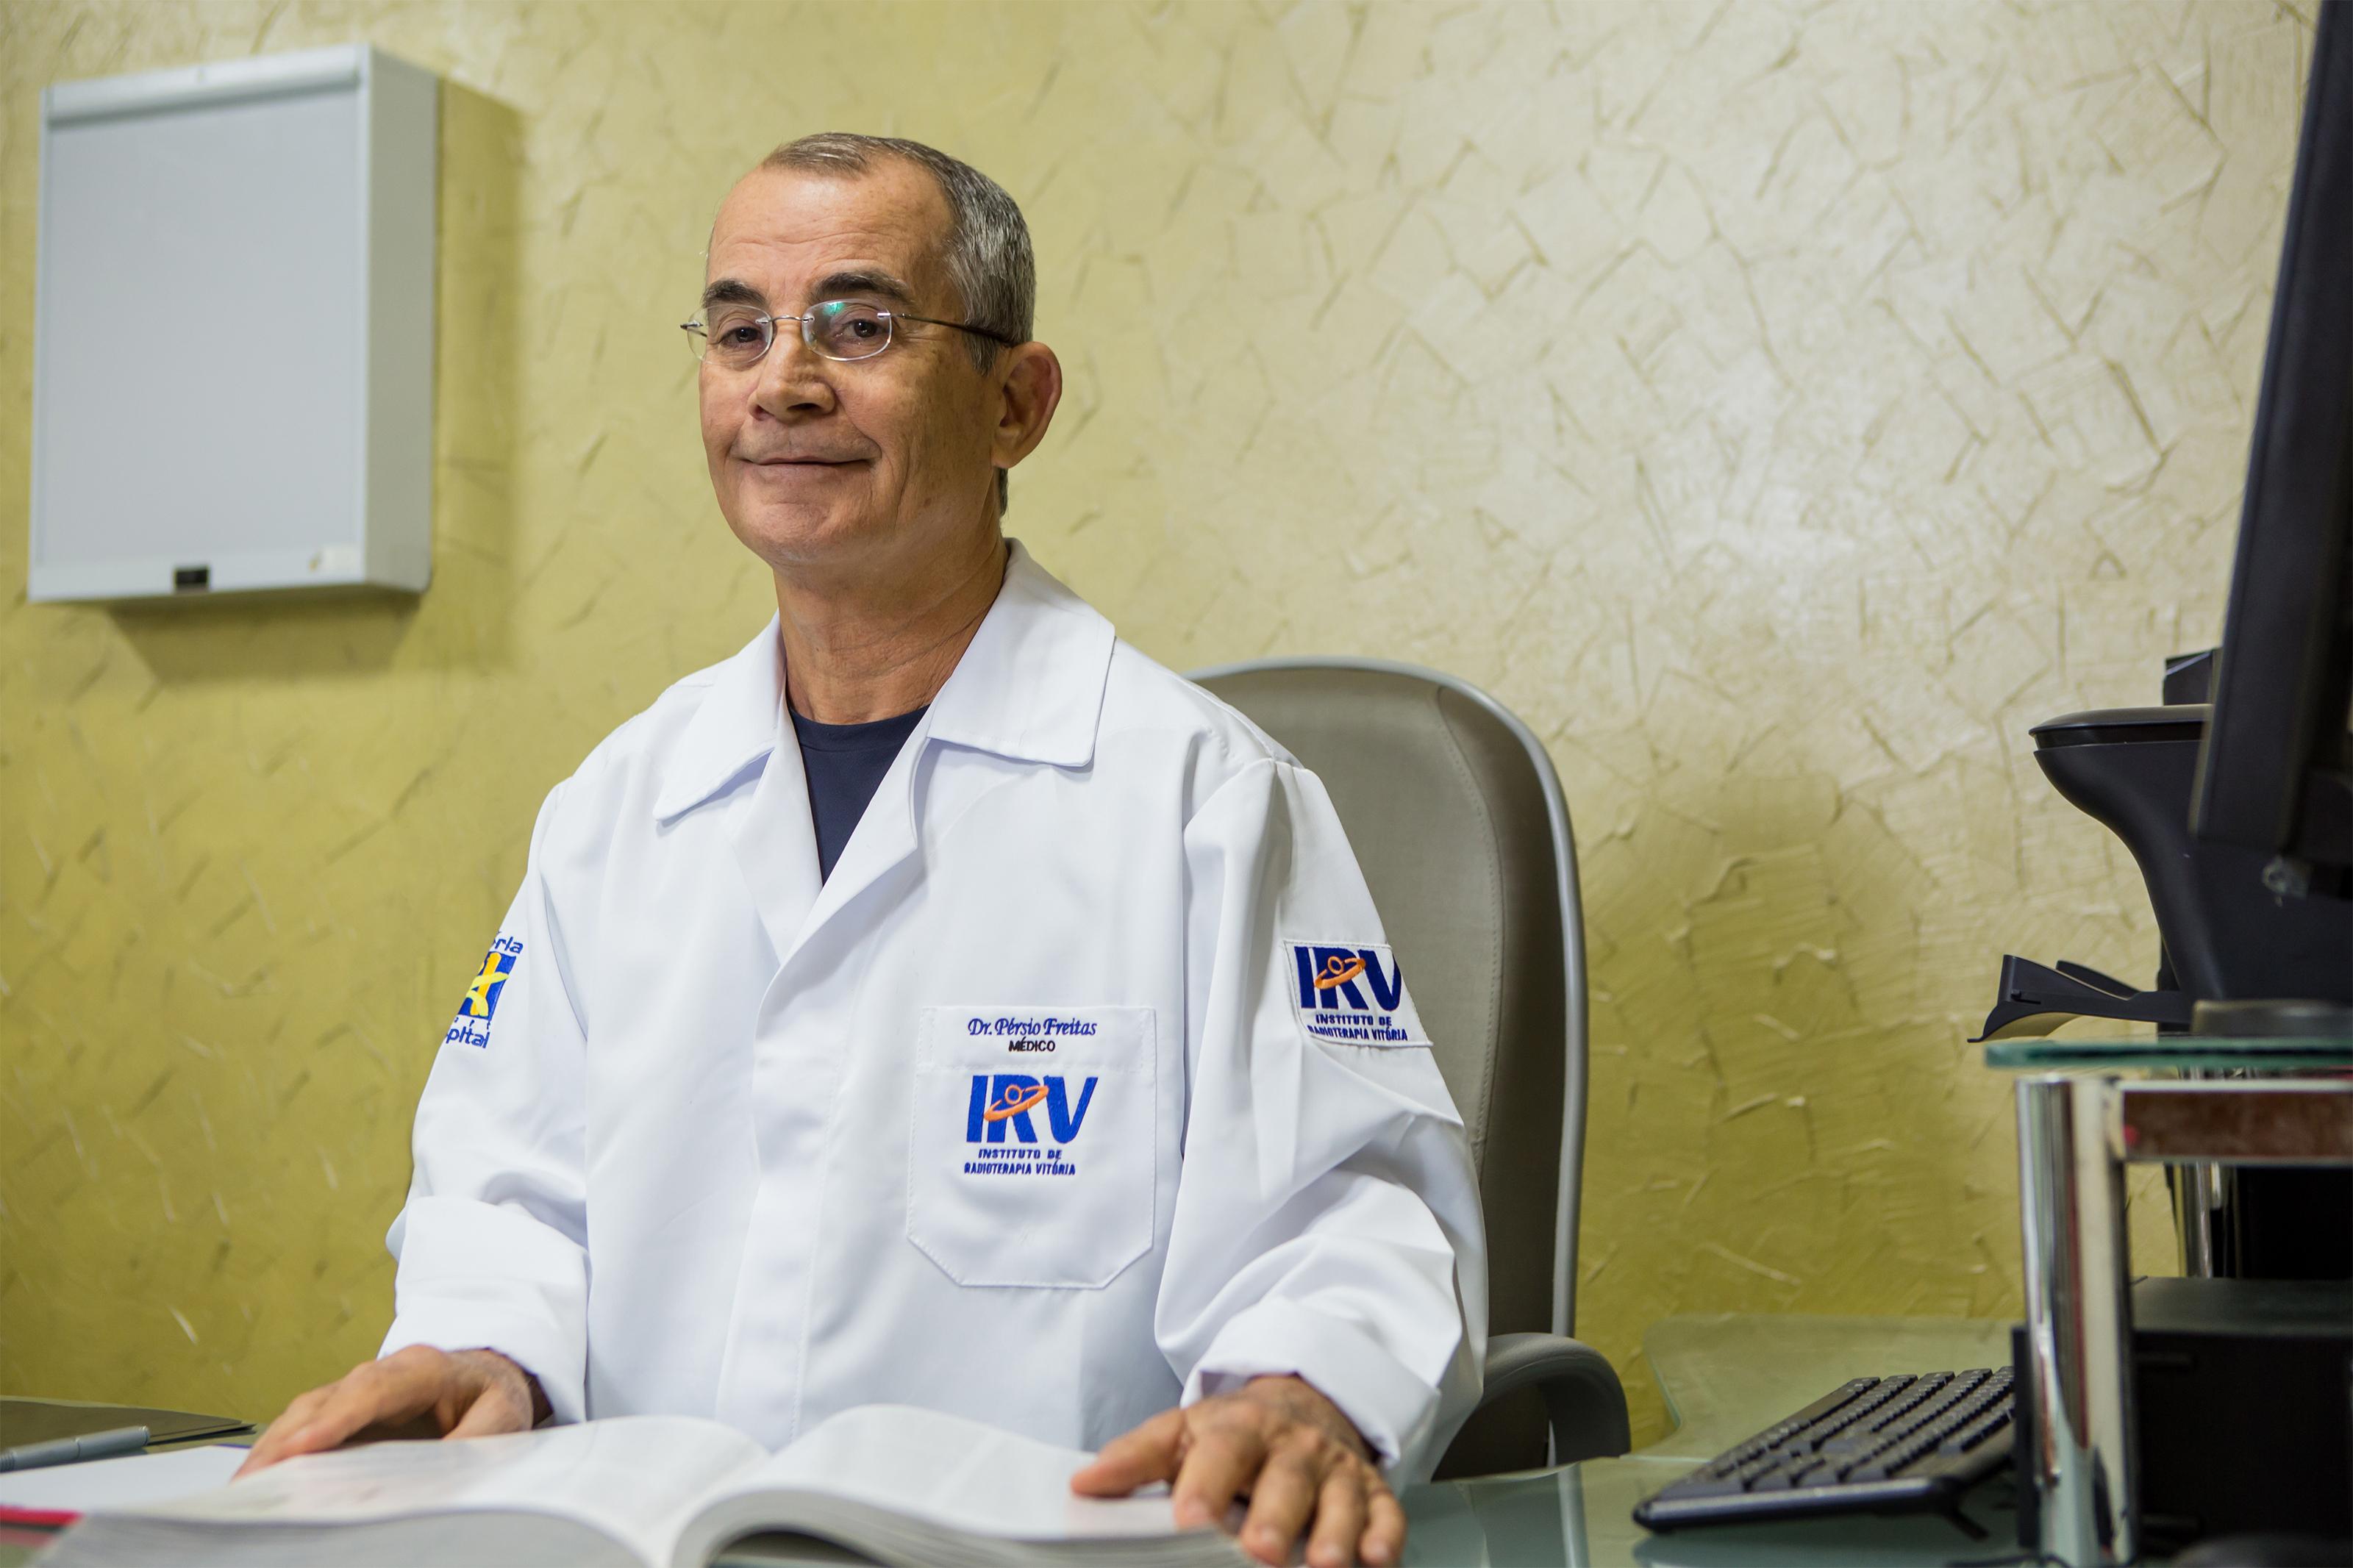 Três mitos sobre a radioterapia